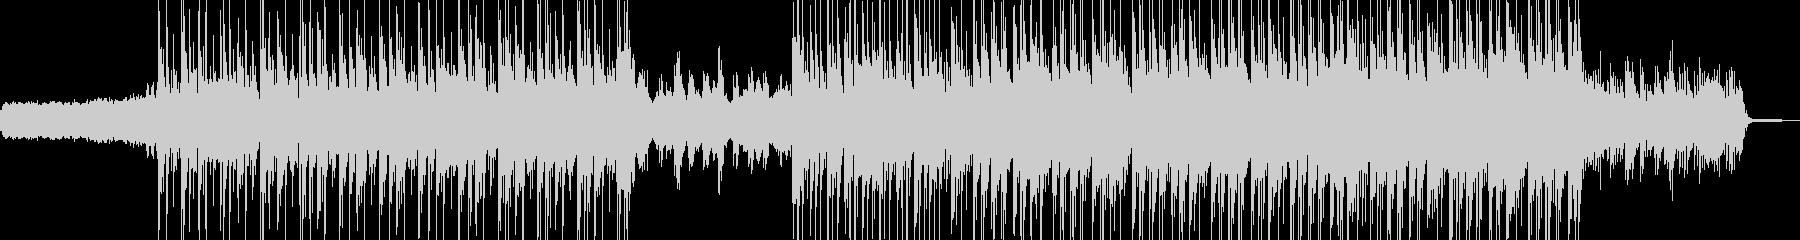 電脳・空想科学的なエレクトロ エレキ有Bの未再生の波形